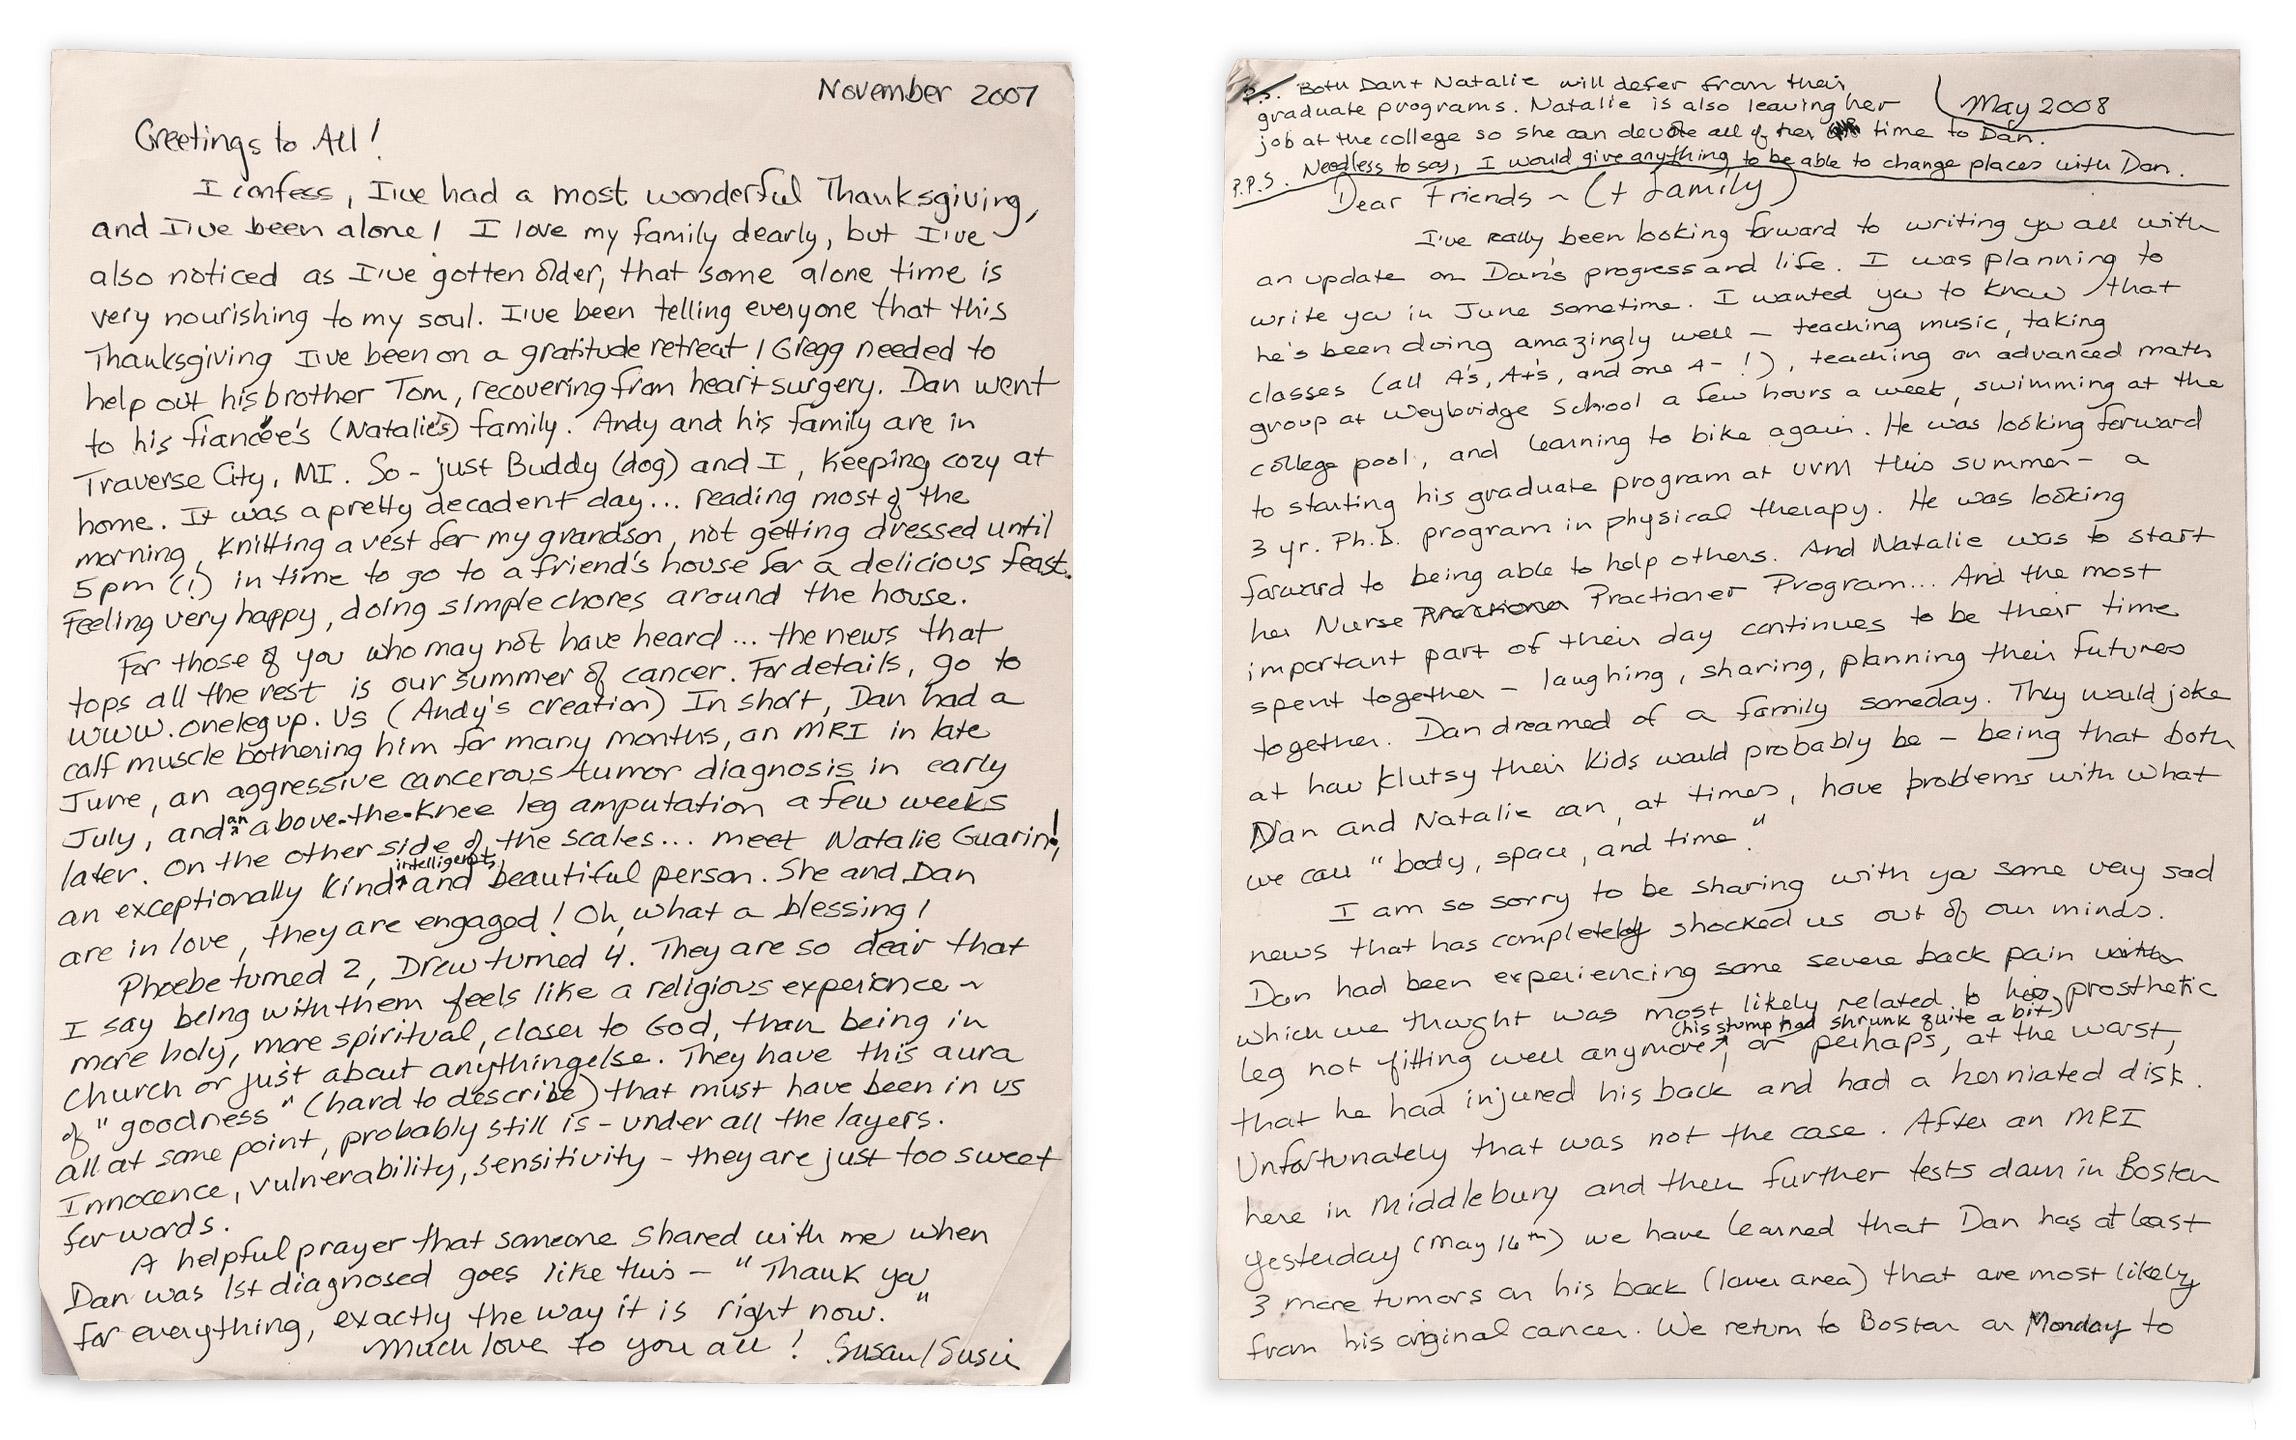 2 original letters hand written by Susan Humphrey